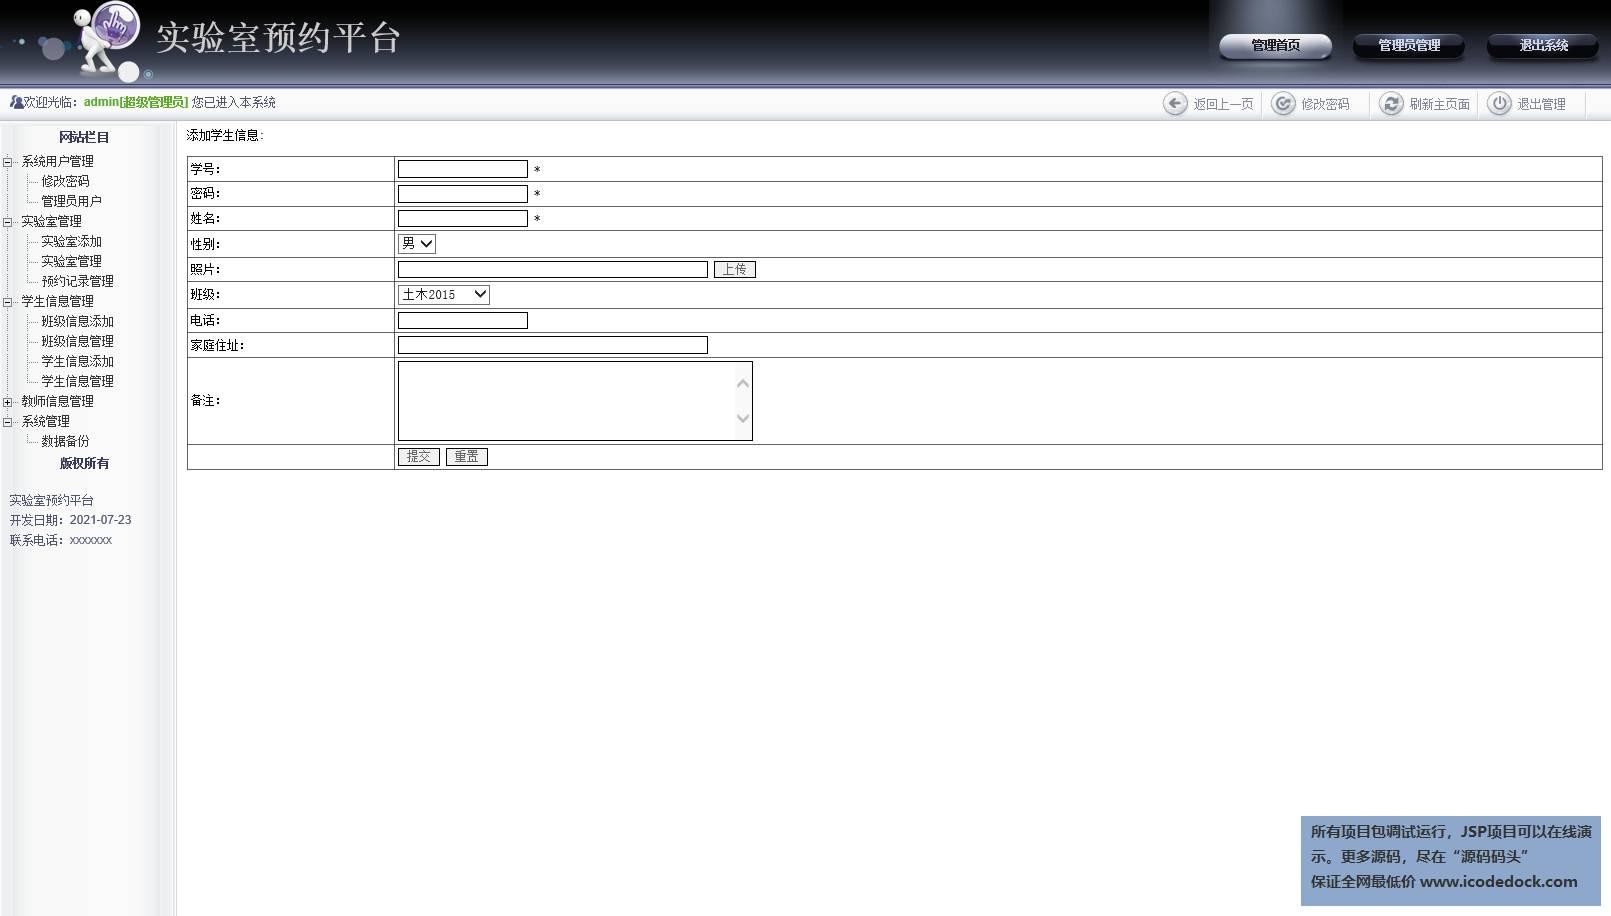 源码码头-JSP在线高校实验室预约管理系统-管理员角色-学生信息添加